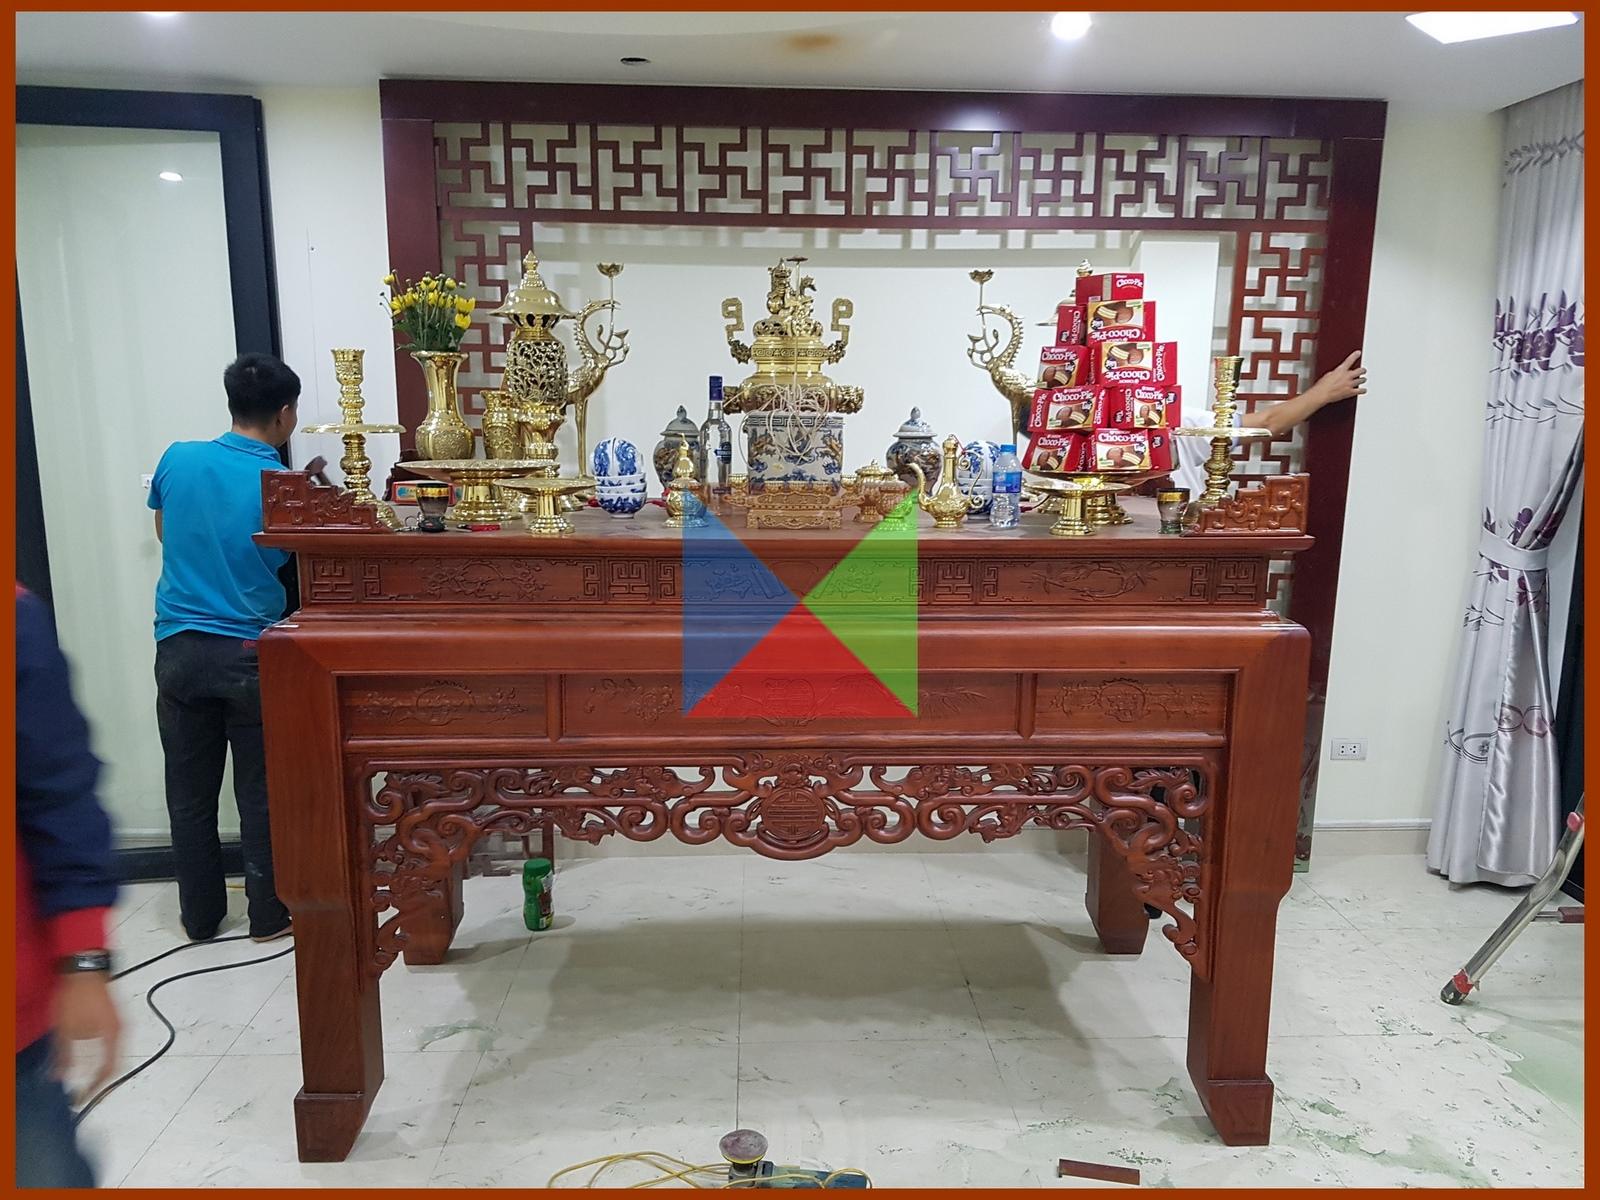 Bàn thờ gỗ hương đỏ mẫu triện - đồ thờ bằng đồng